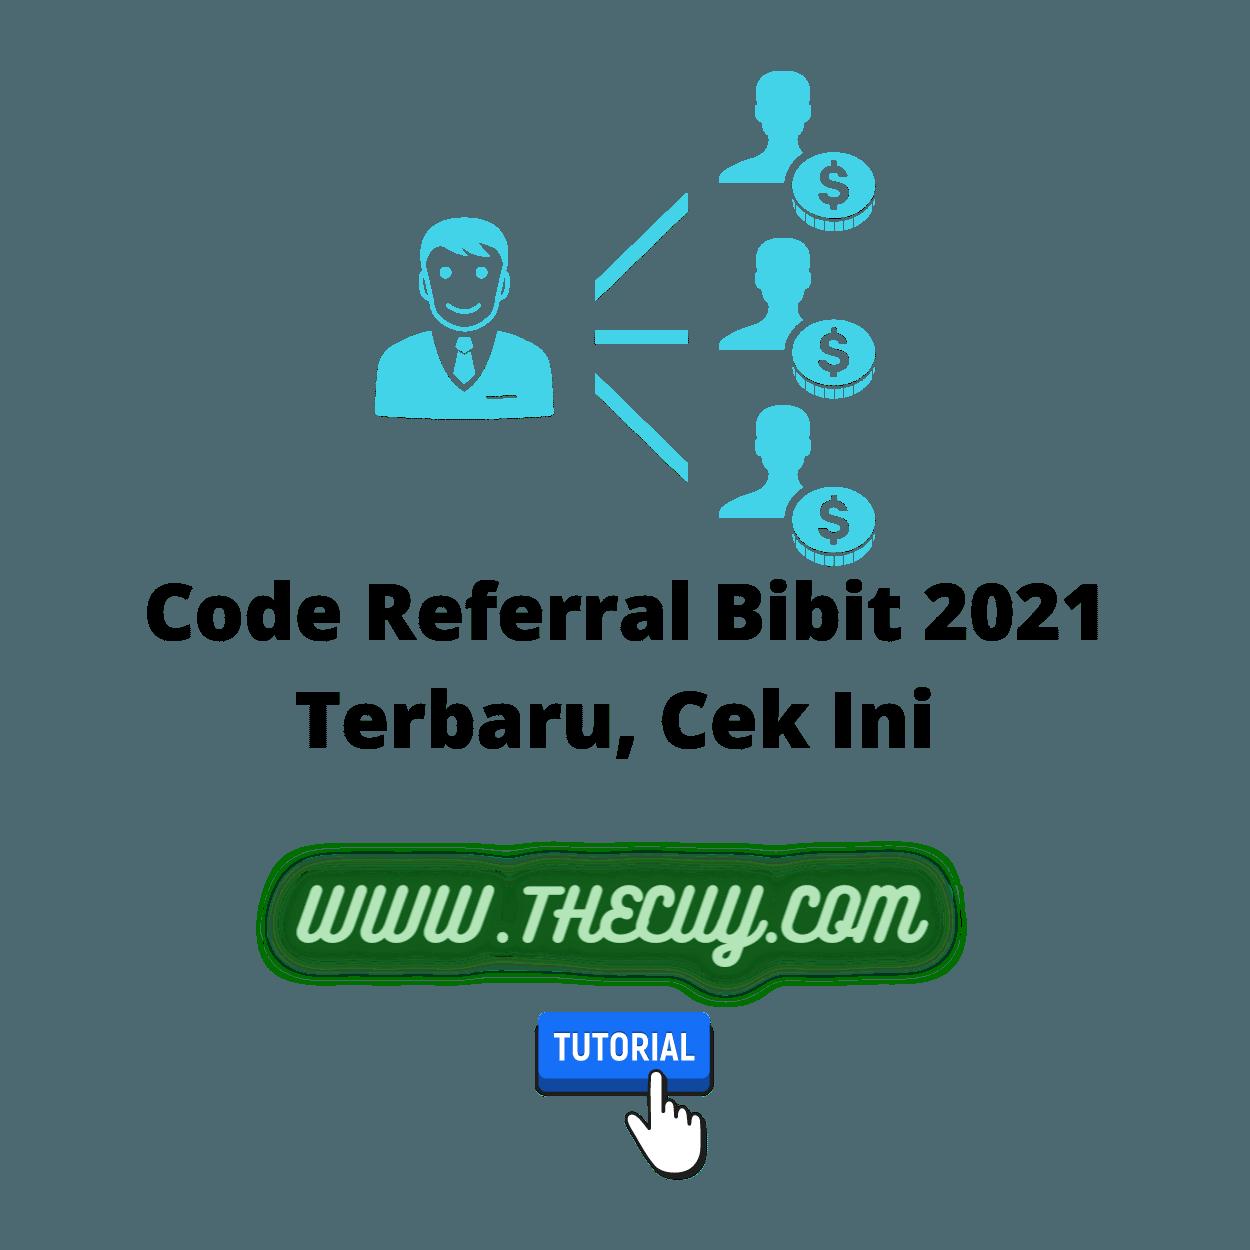 Code Referral Bibit 2021 Terbaru, Cek Ini